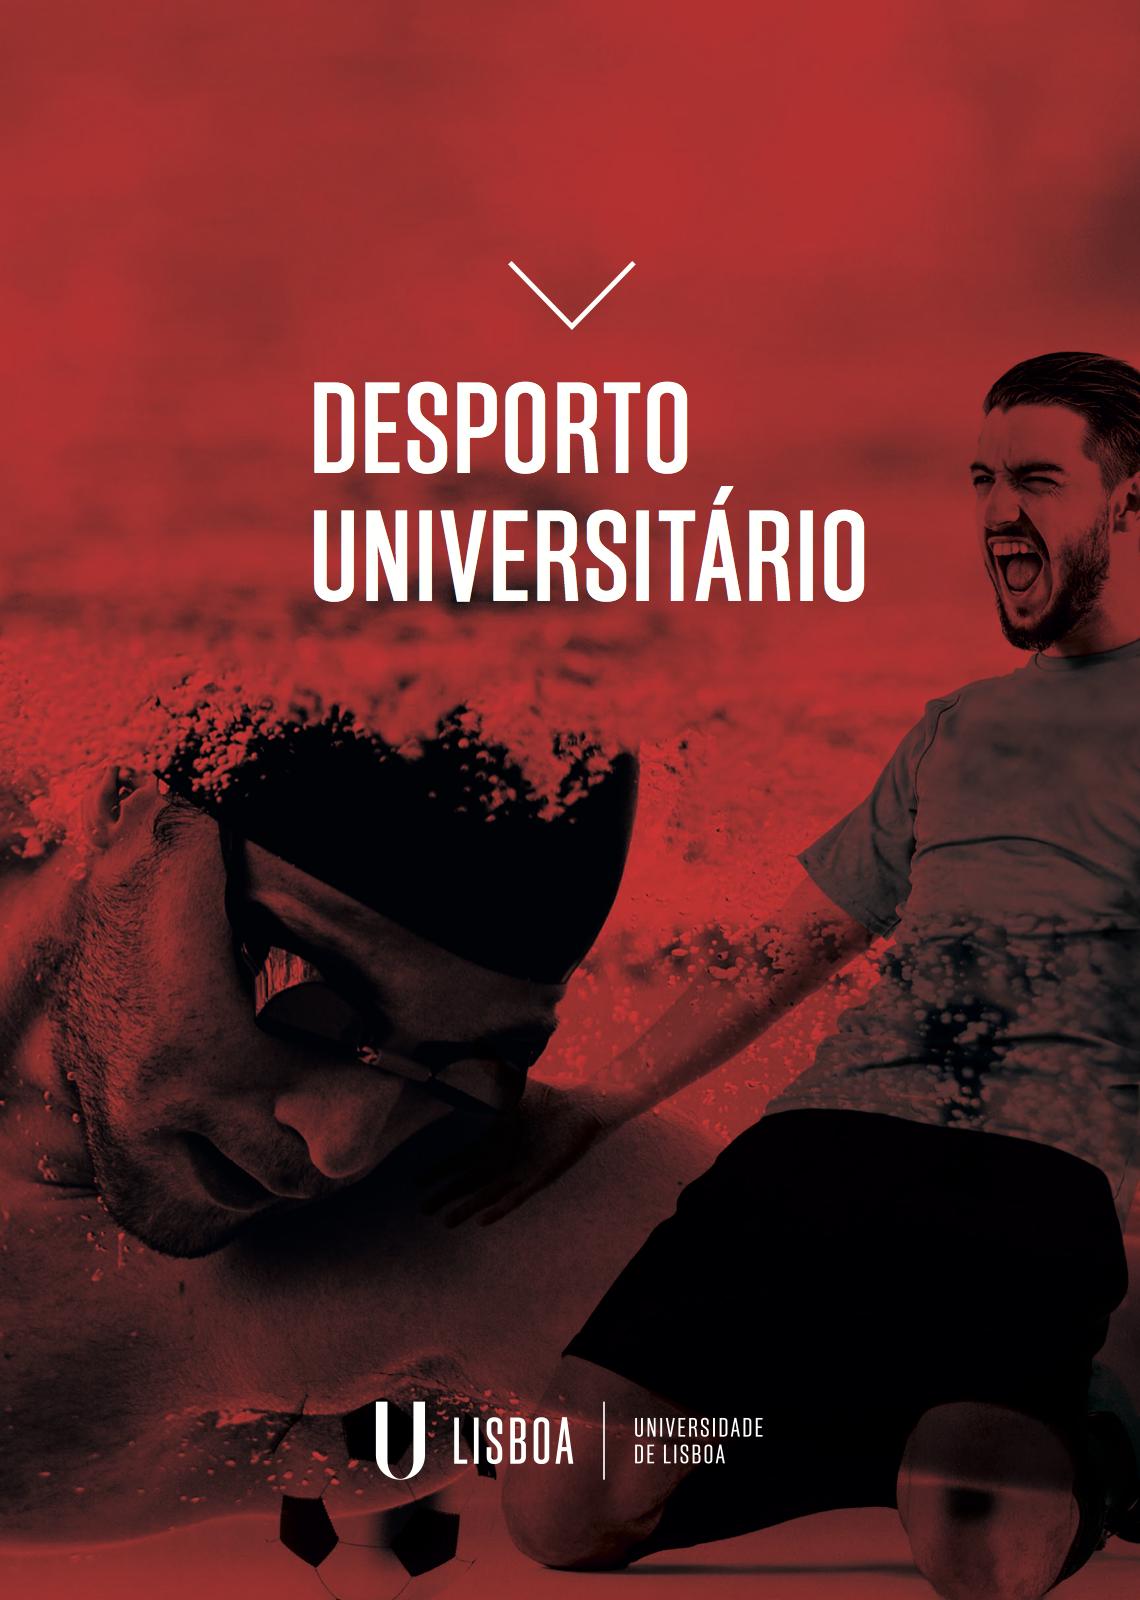 Desporto Universitário